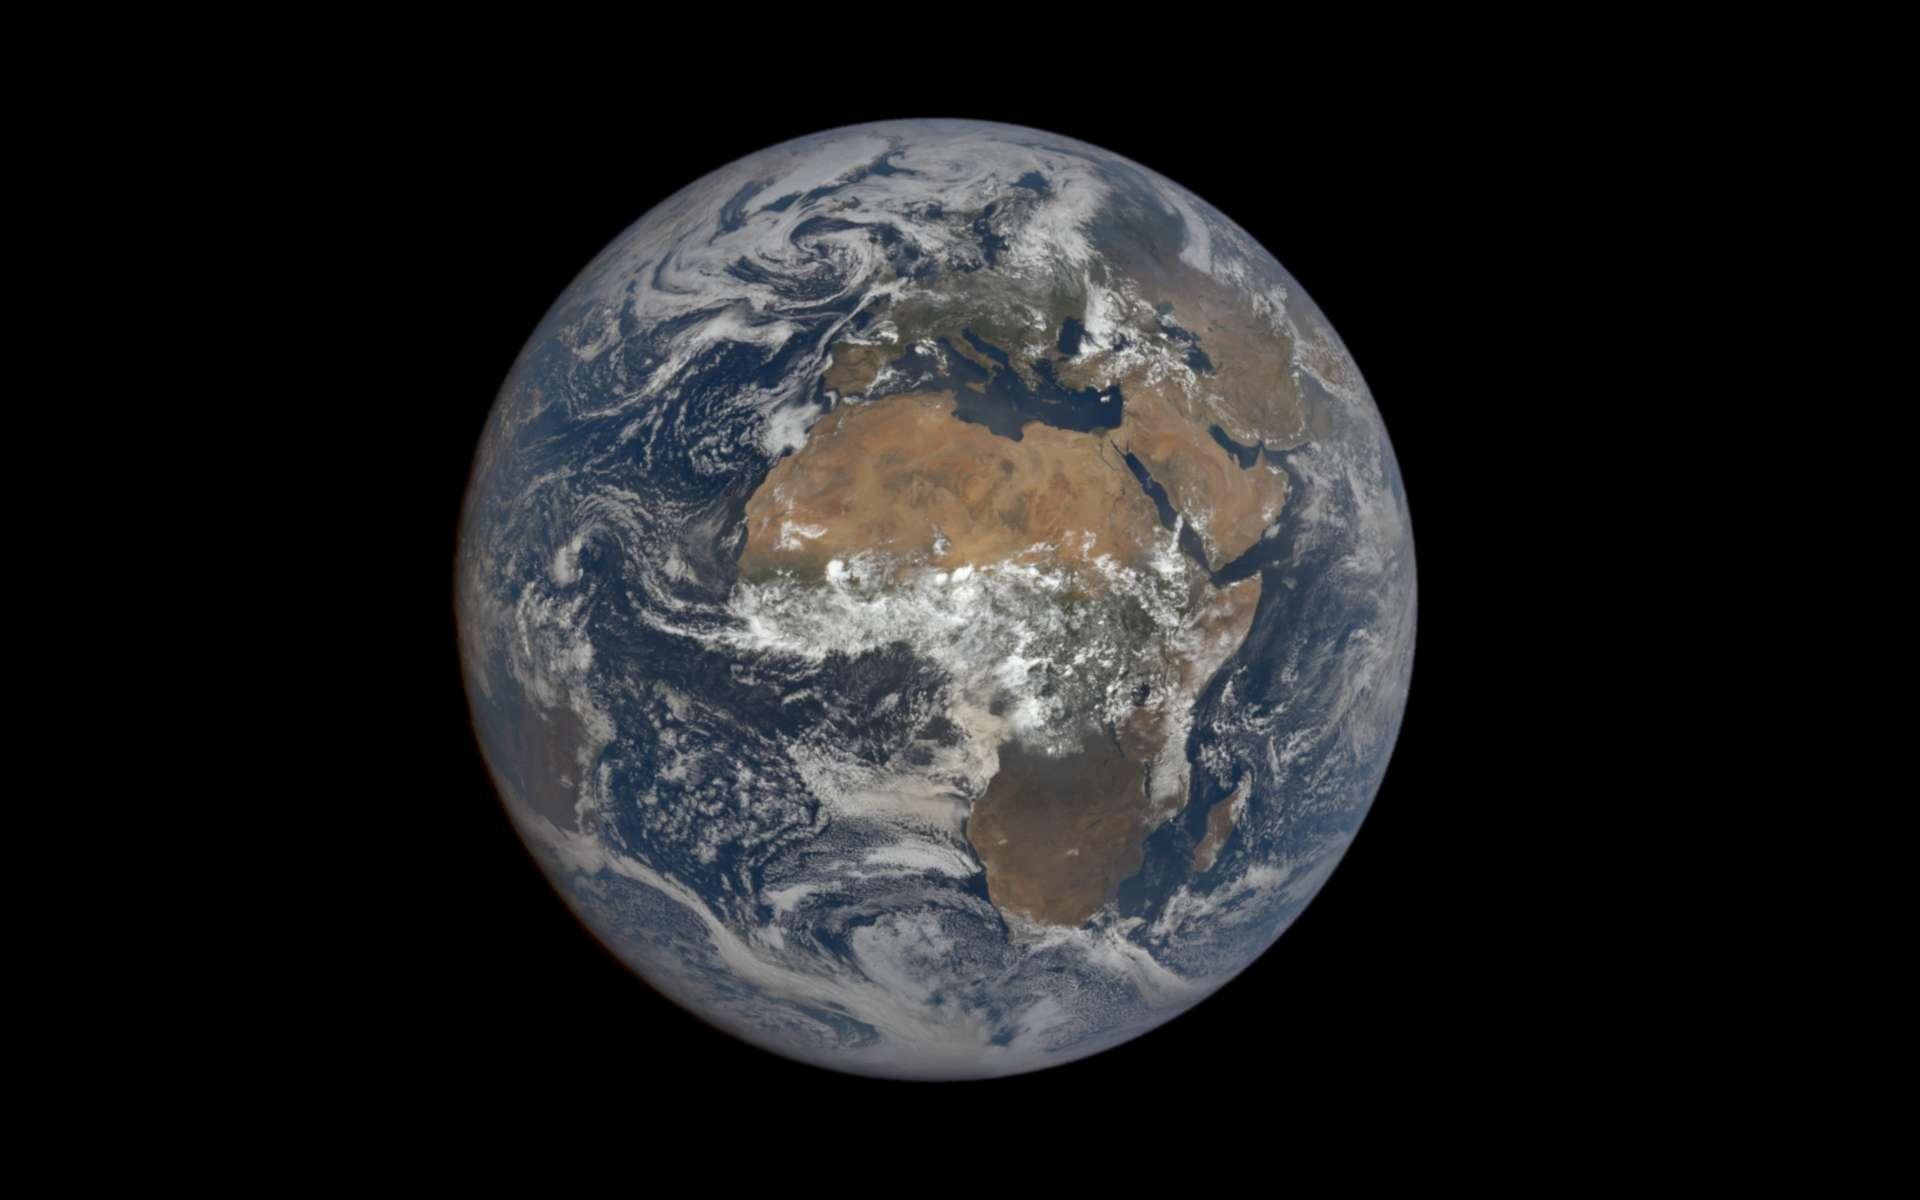 La Terre le 12 août 2021 photographiée par la caméra Epic du satellite DSCOVR. © Nasa, NOAA